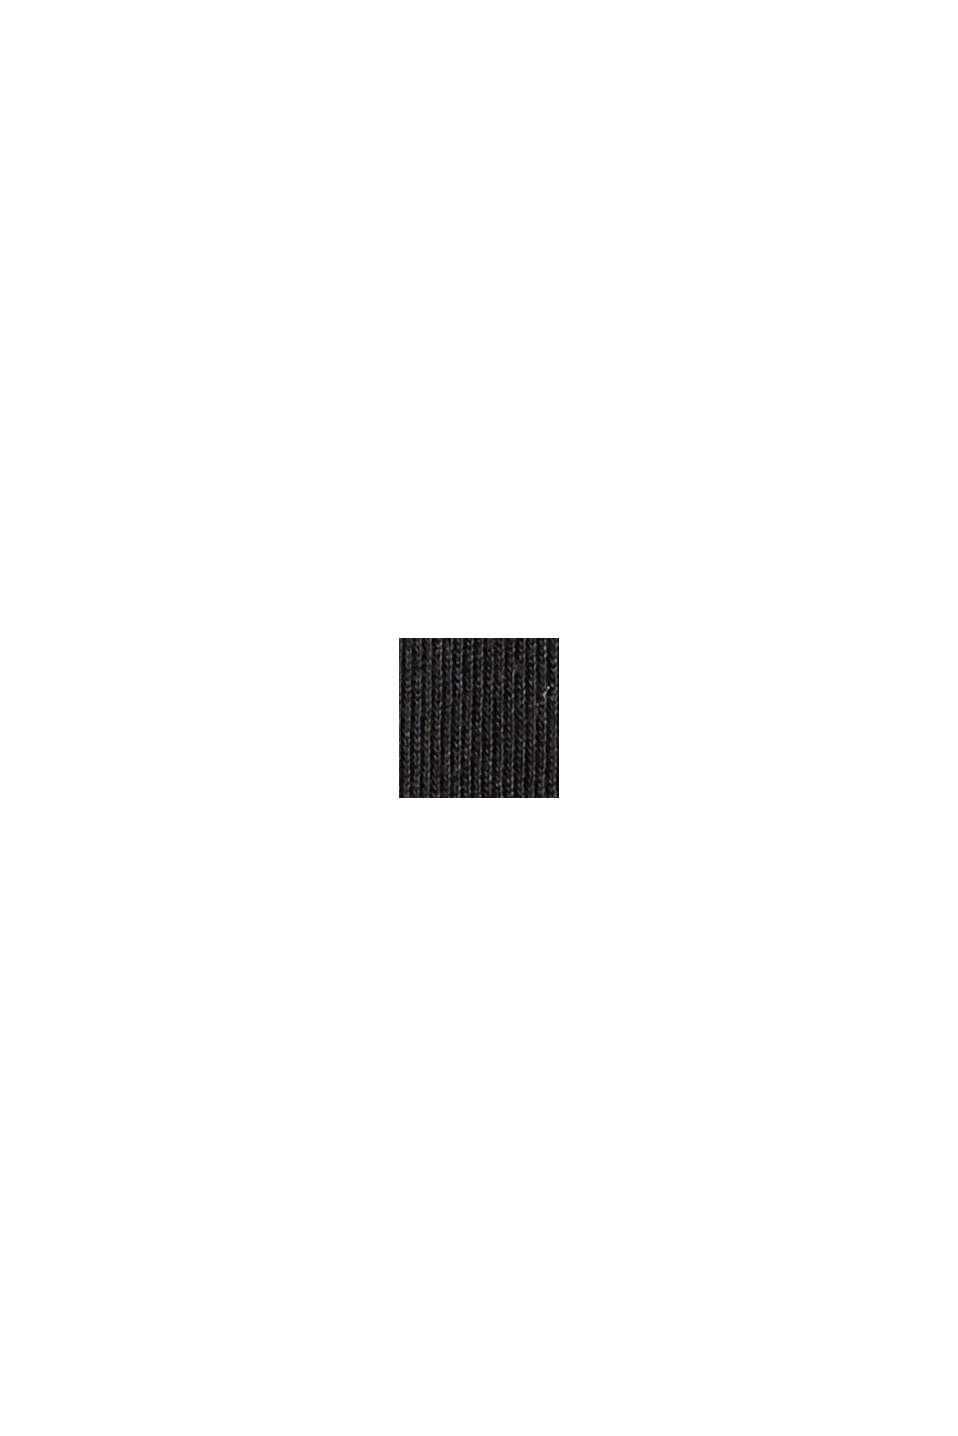 Van TENCEL™: jersey jurk met cut-out op de rug, BLACK, swatch